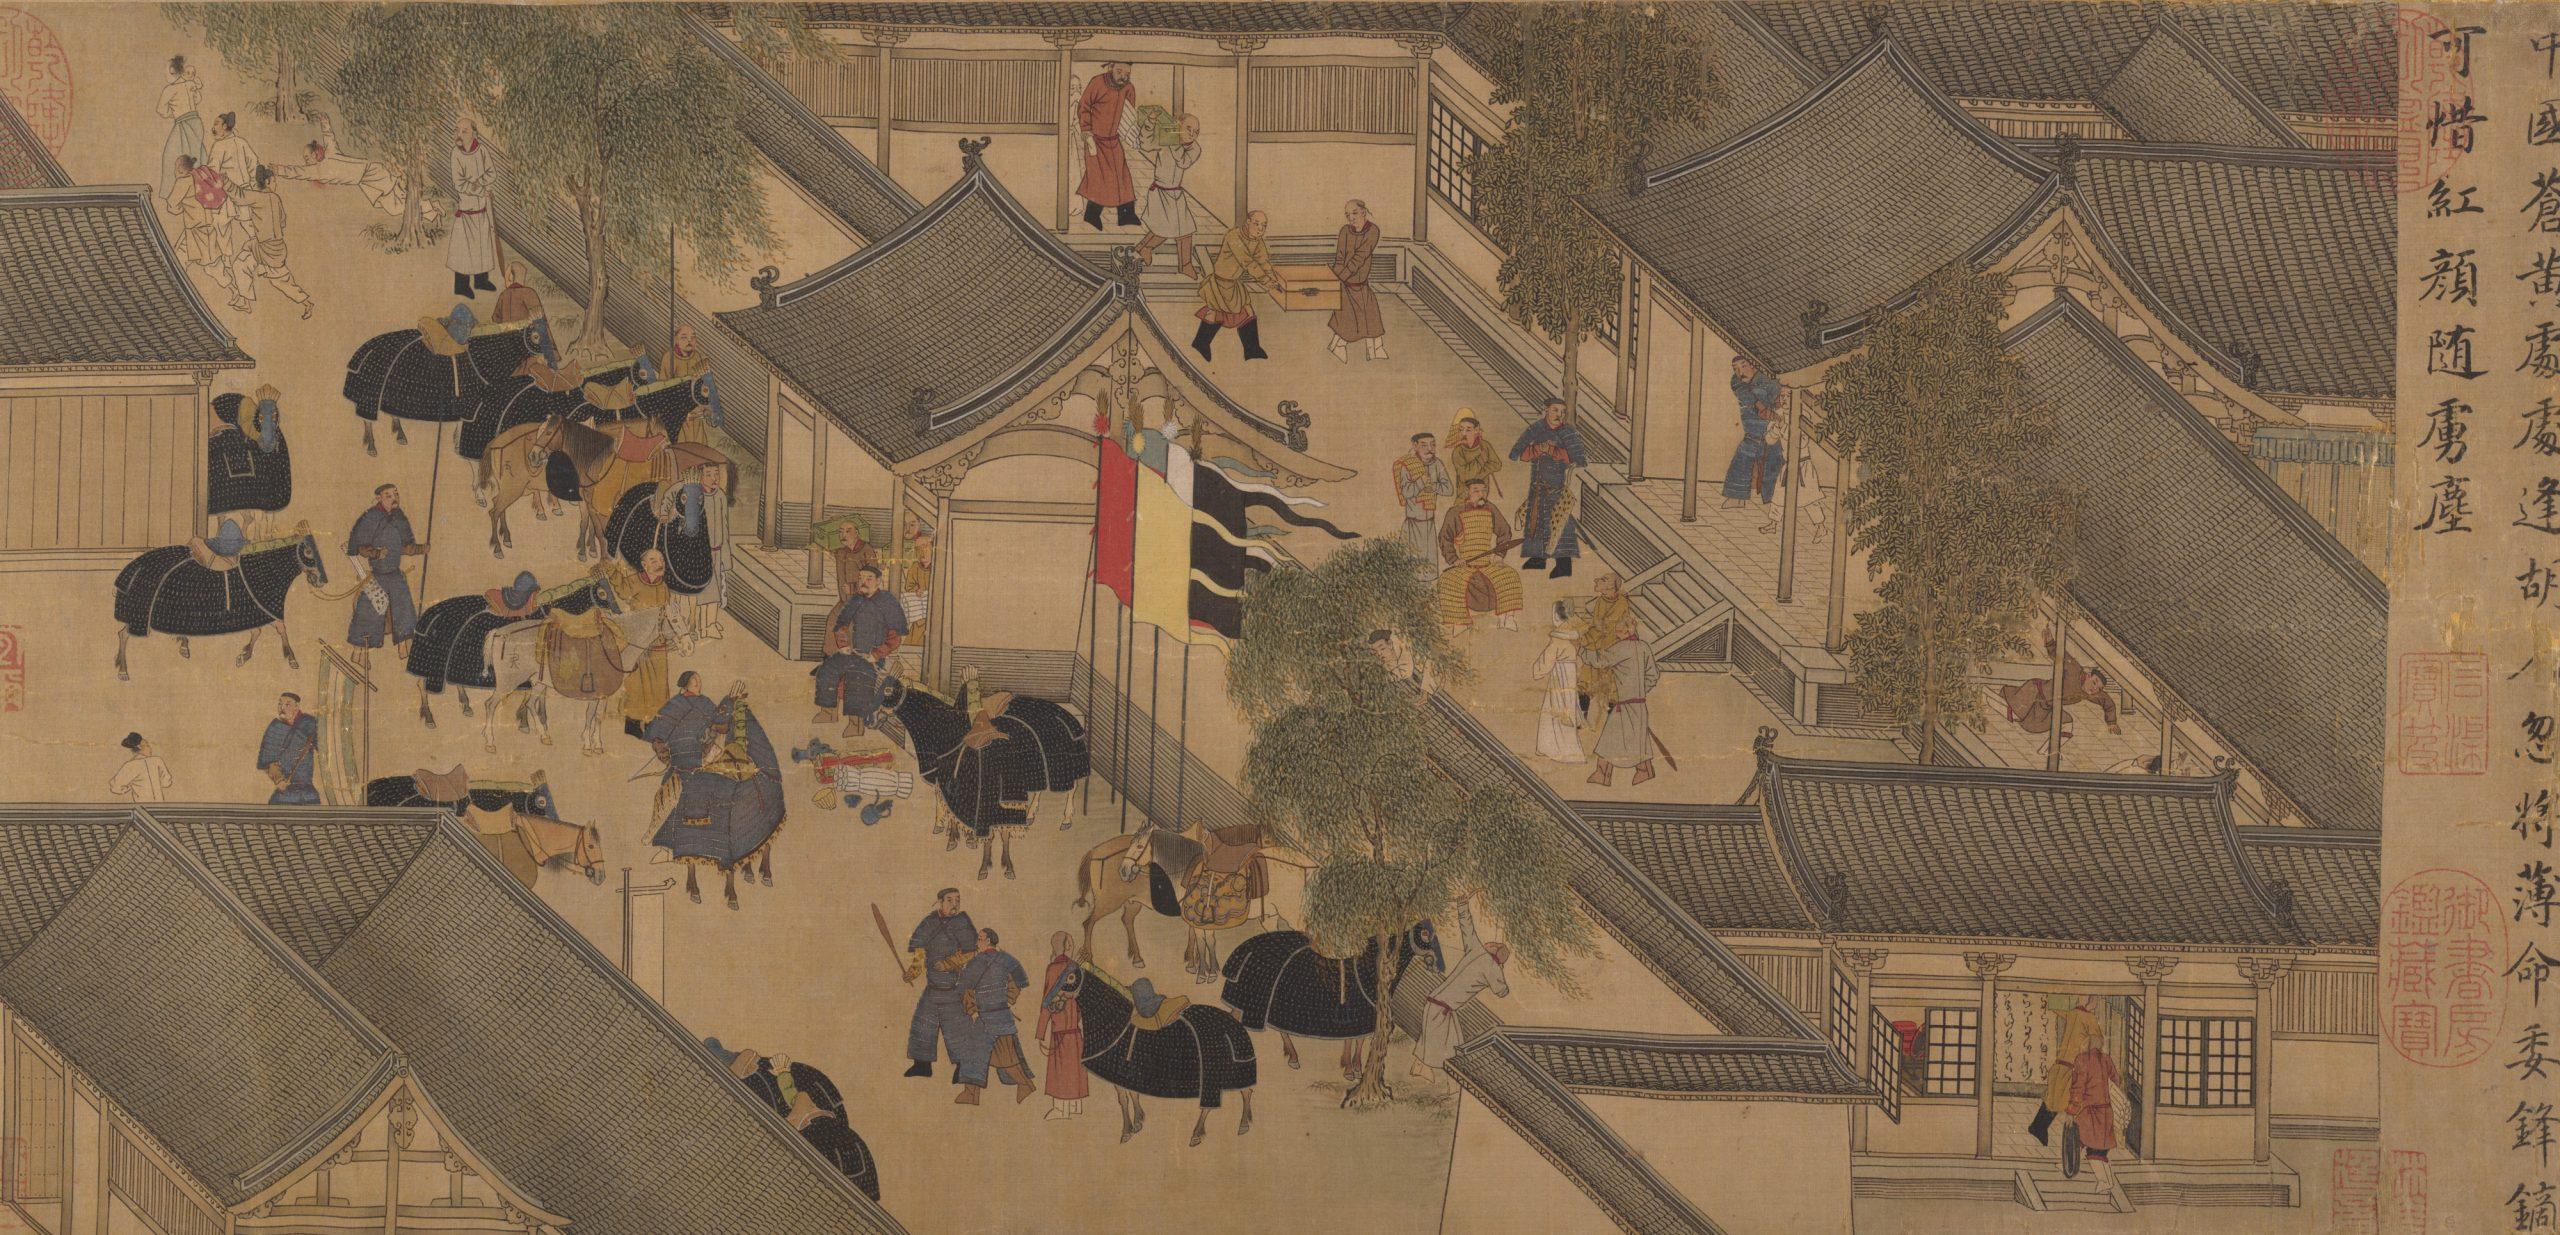 Représentation de la cavalerie Xiongnu dans les dix-huit chansons d'une flûte nomade